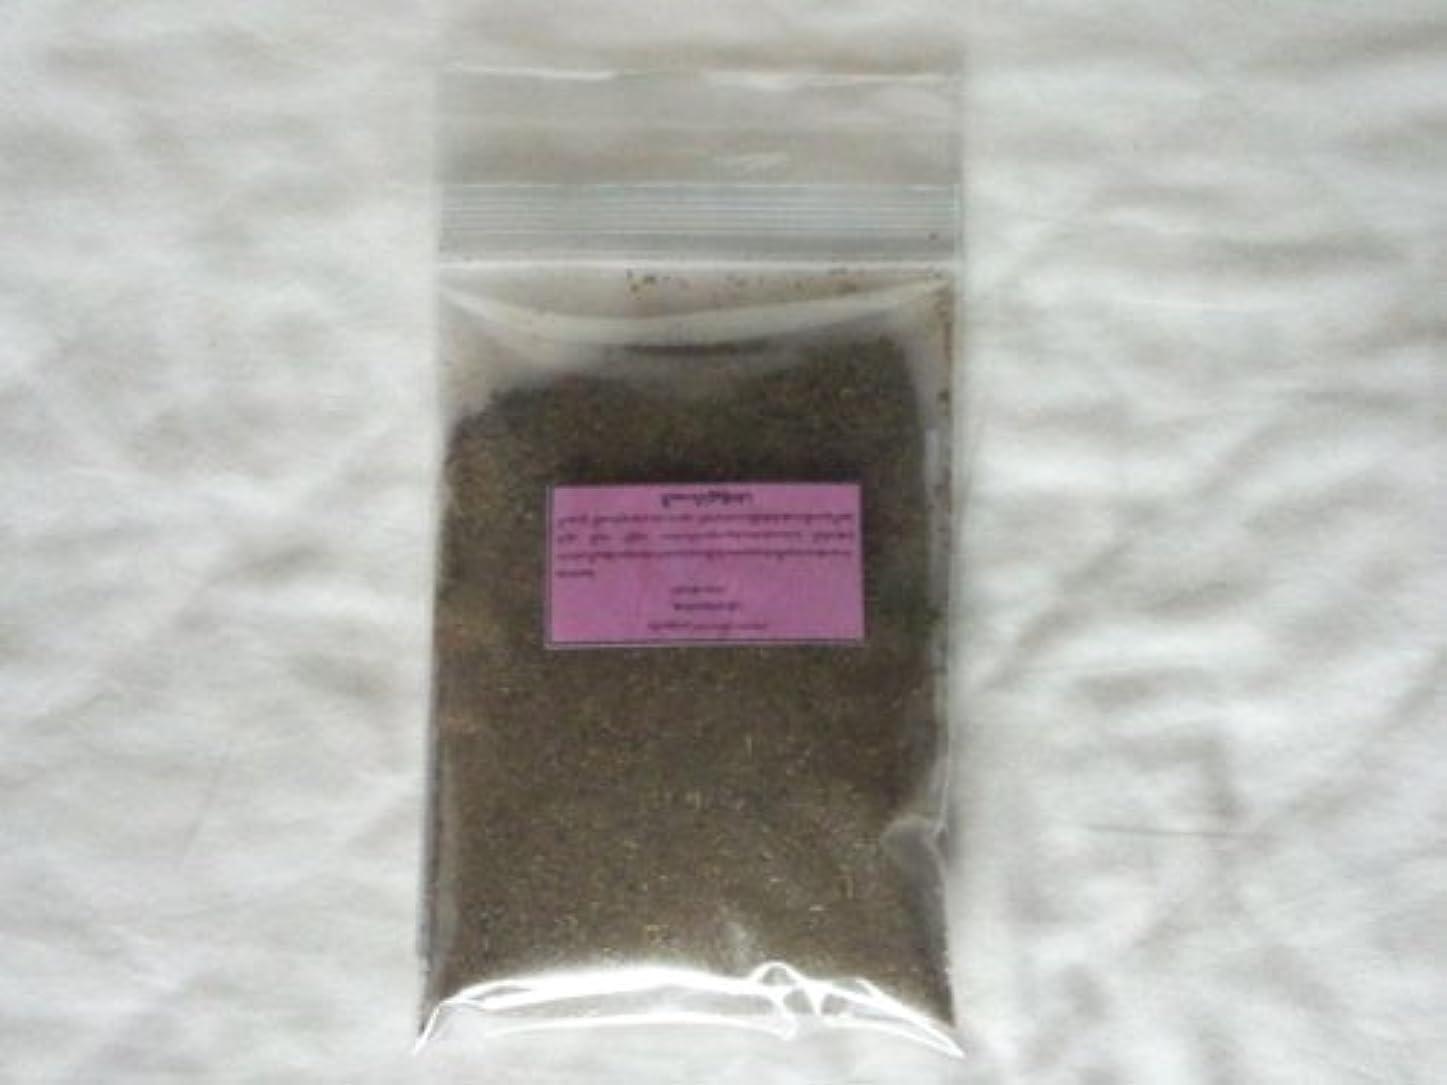 ランドリー松植物のチミ香/ル?サン プジャ用(パウダーインセンス)50g Klusang Puja